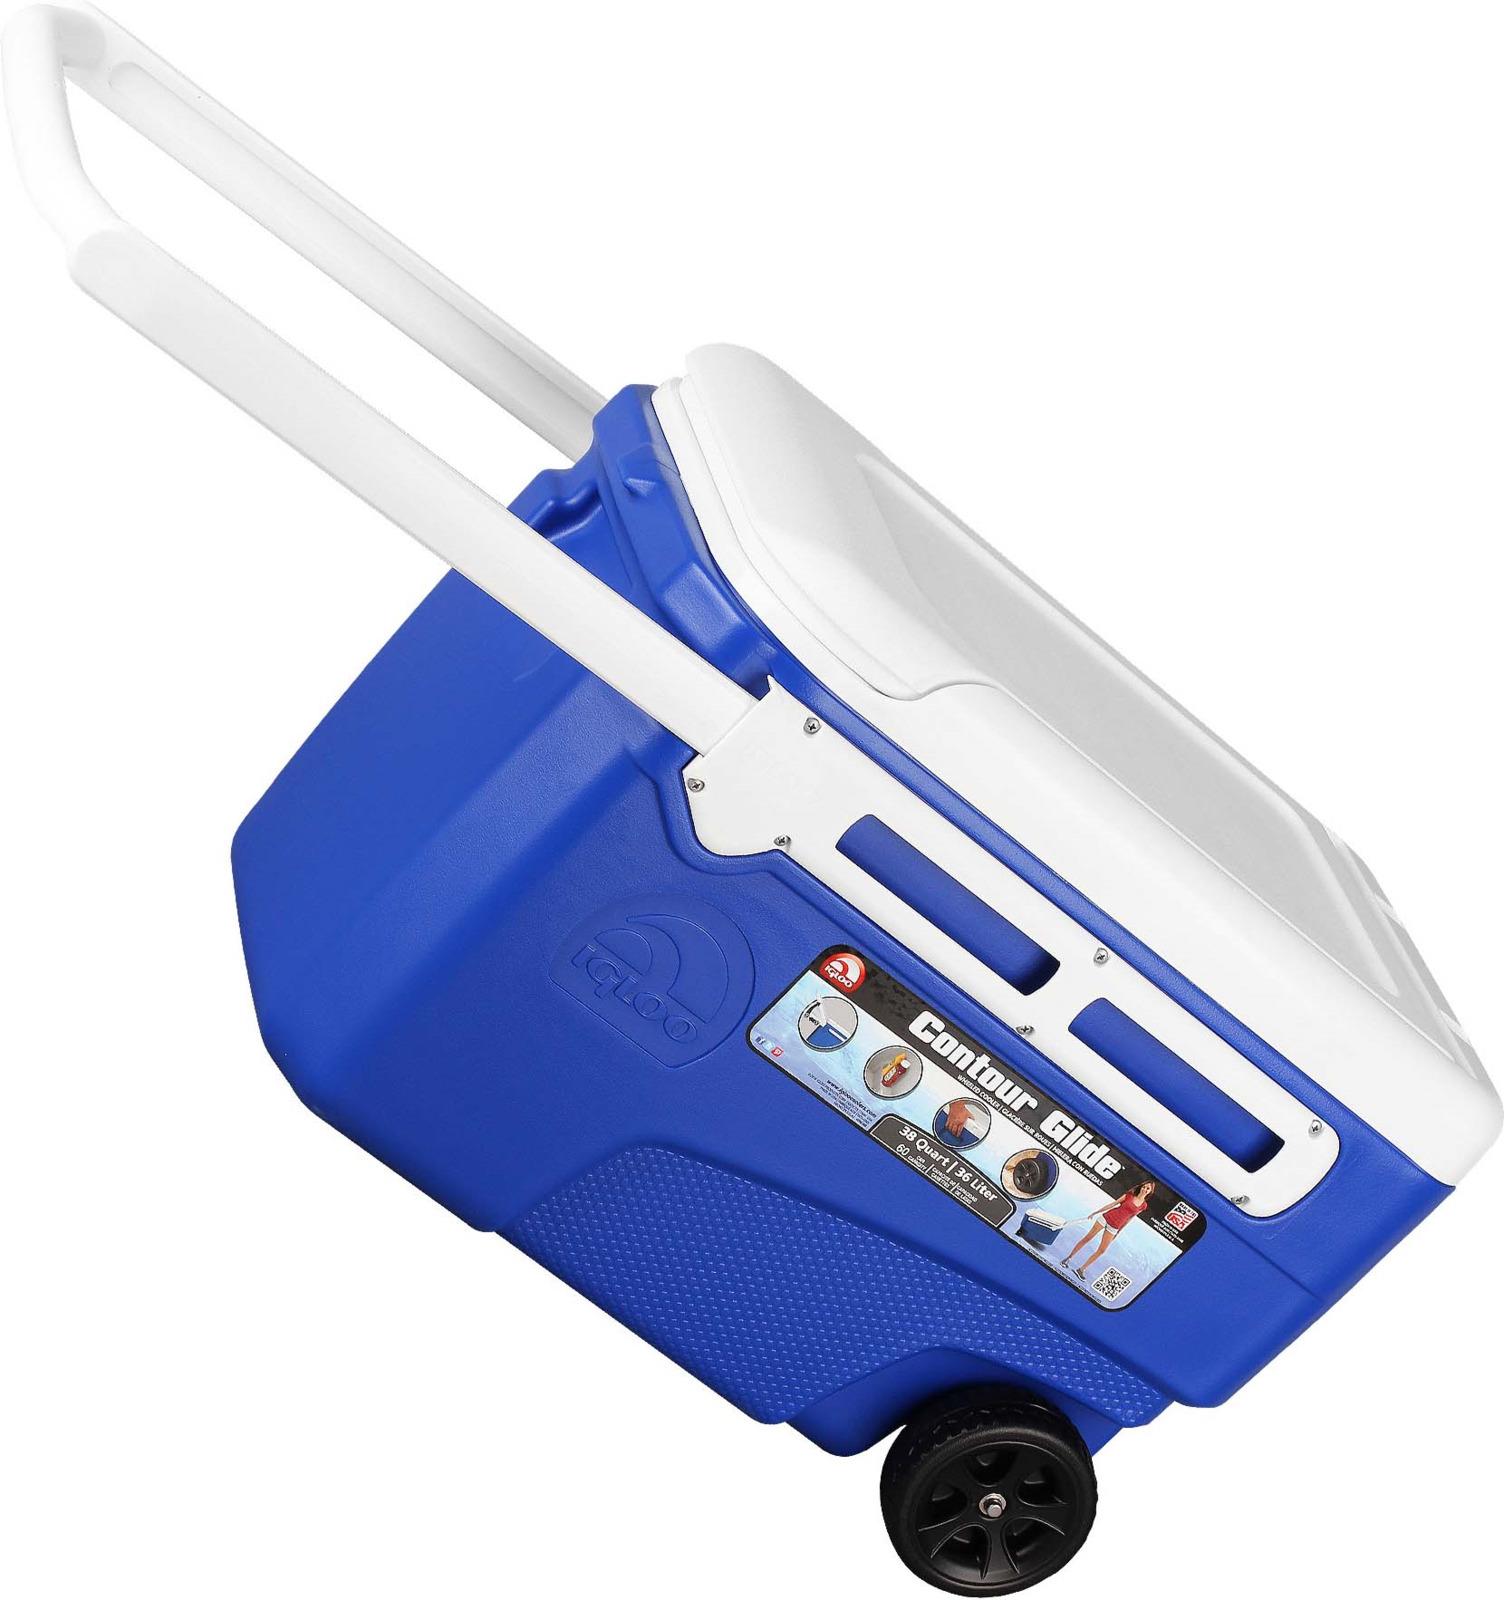 Контейнер изотермический пластиковый Igloo Contour Glide 38, 45756, синий